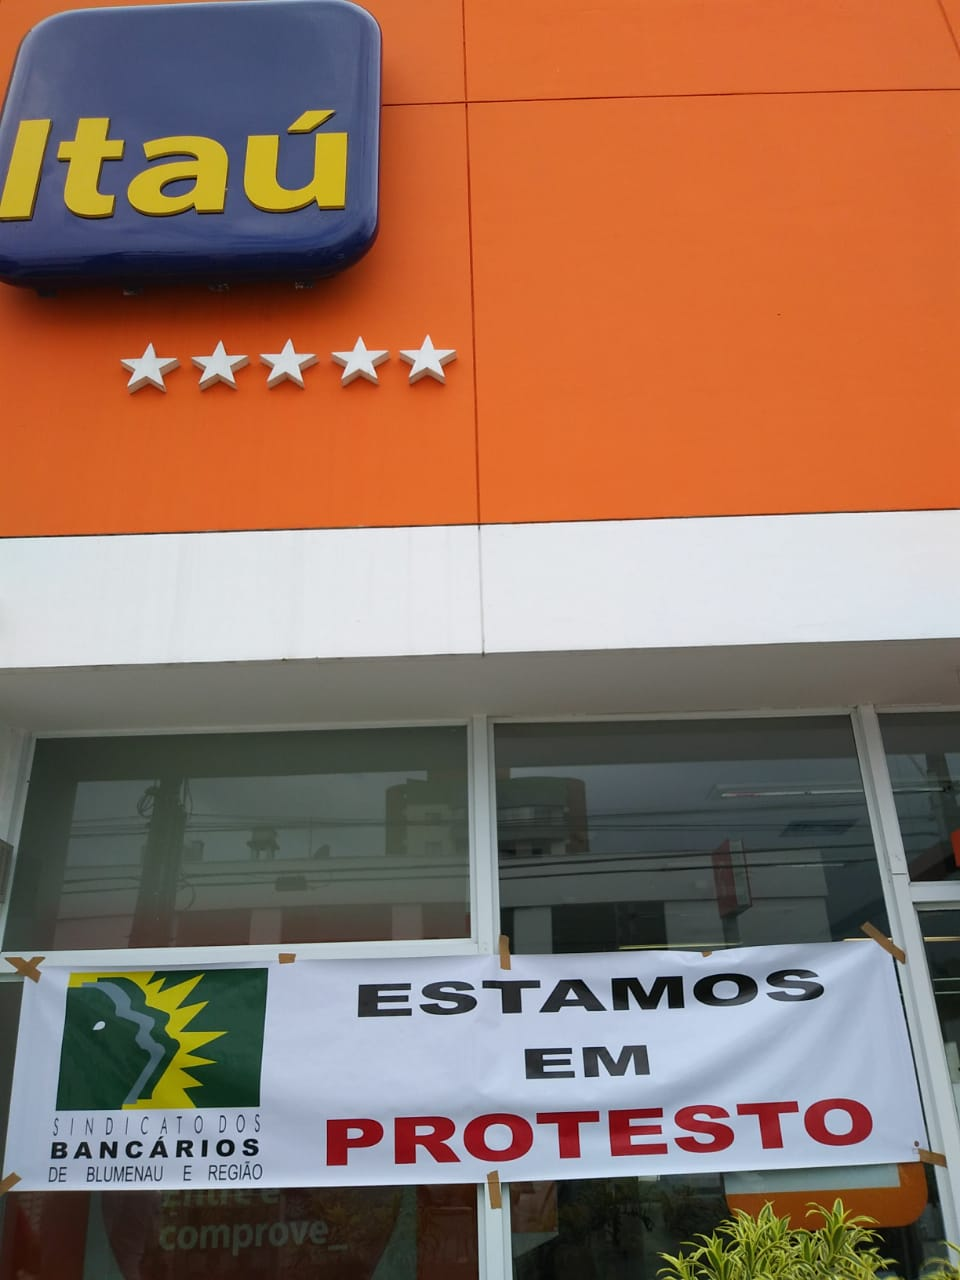 Foto: Sindicato dos Bancários de Blumenau e Região